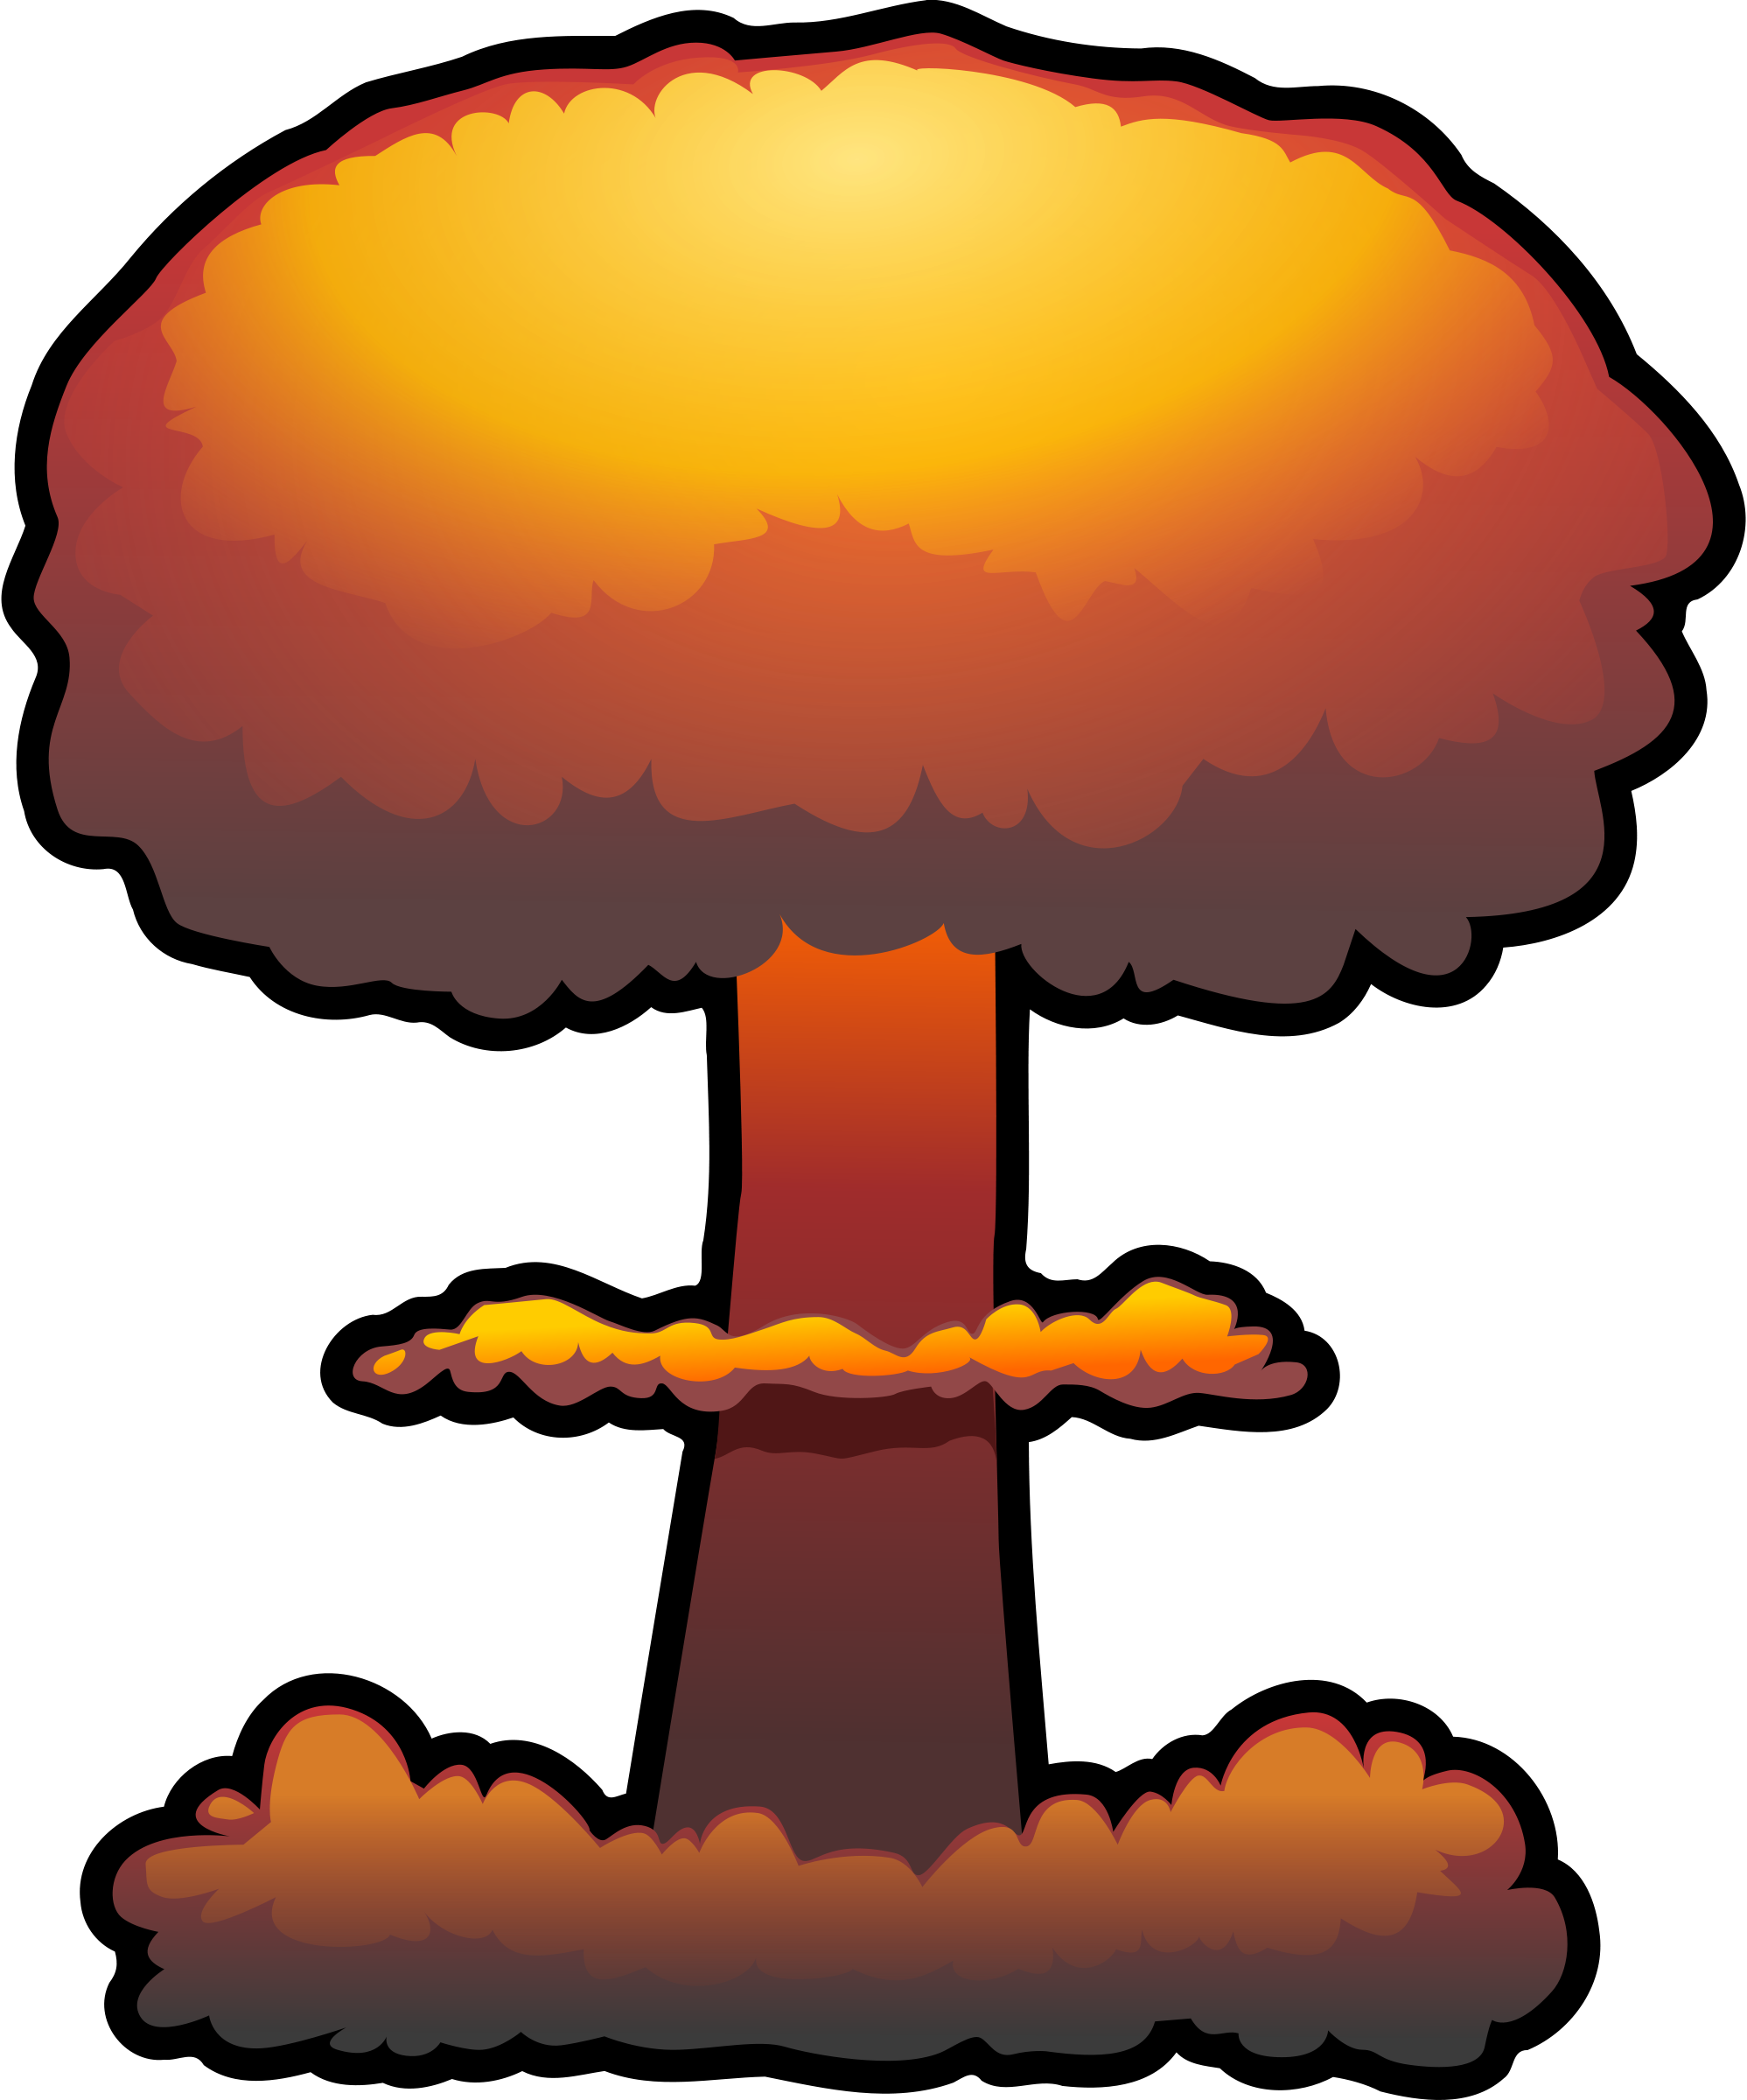 Exploding clip art billigakontaktlinser. Clipart gun bomb